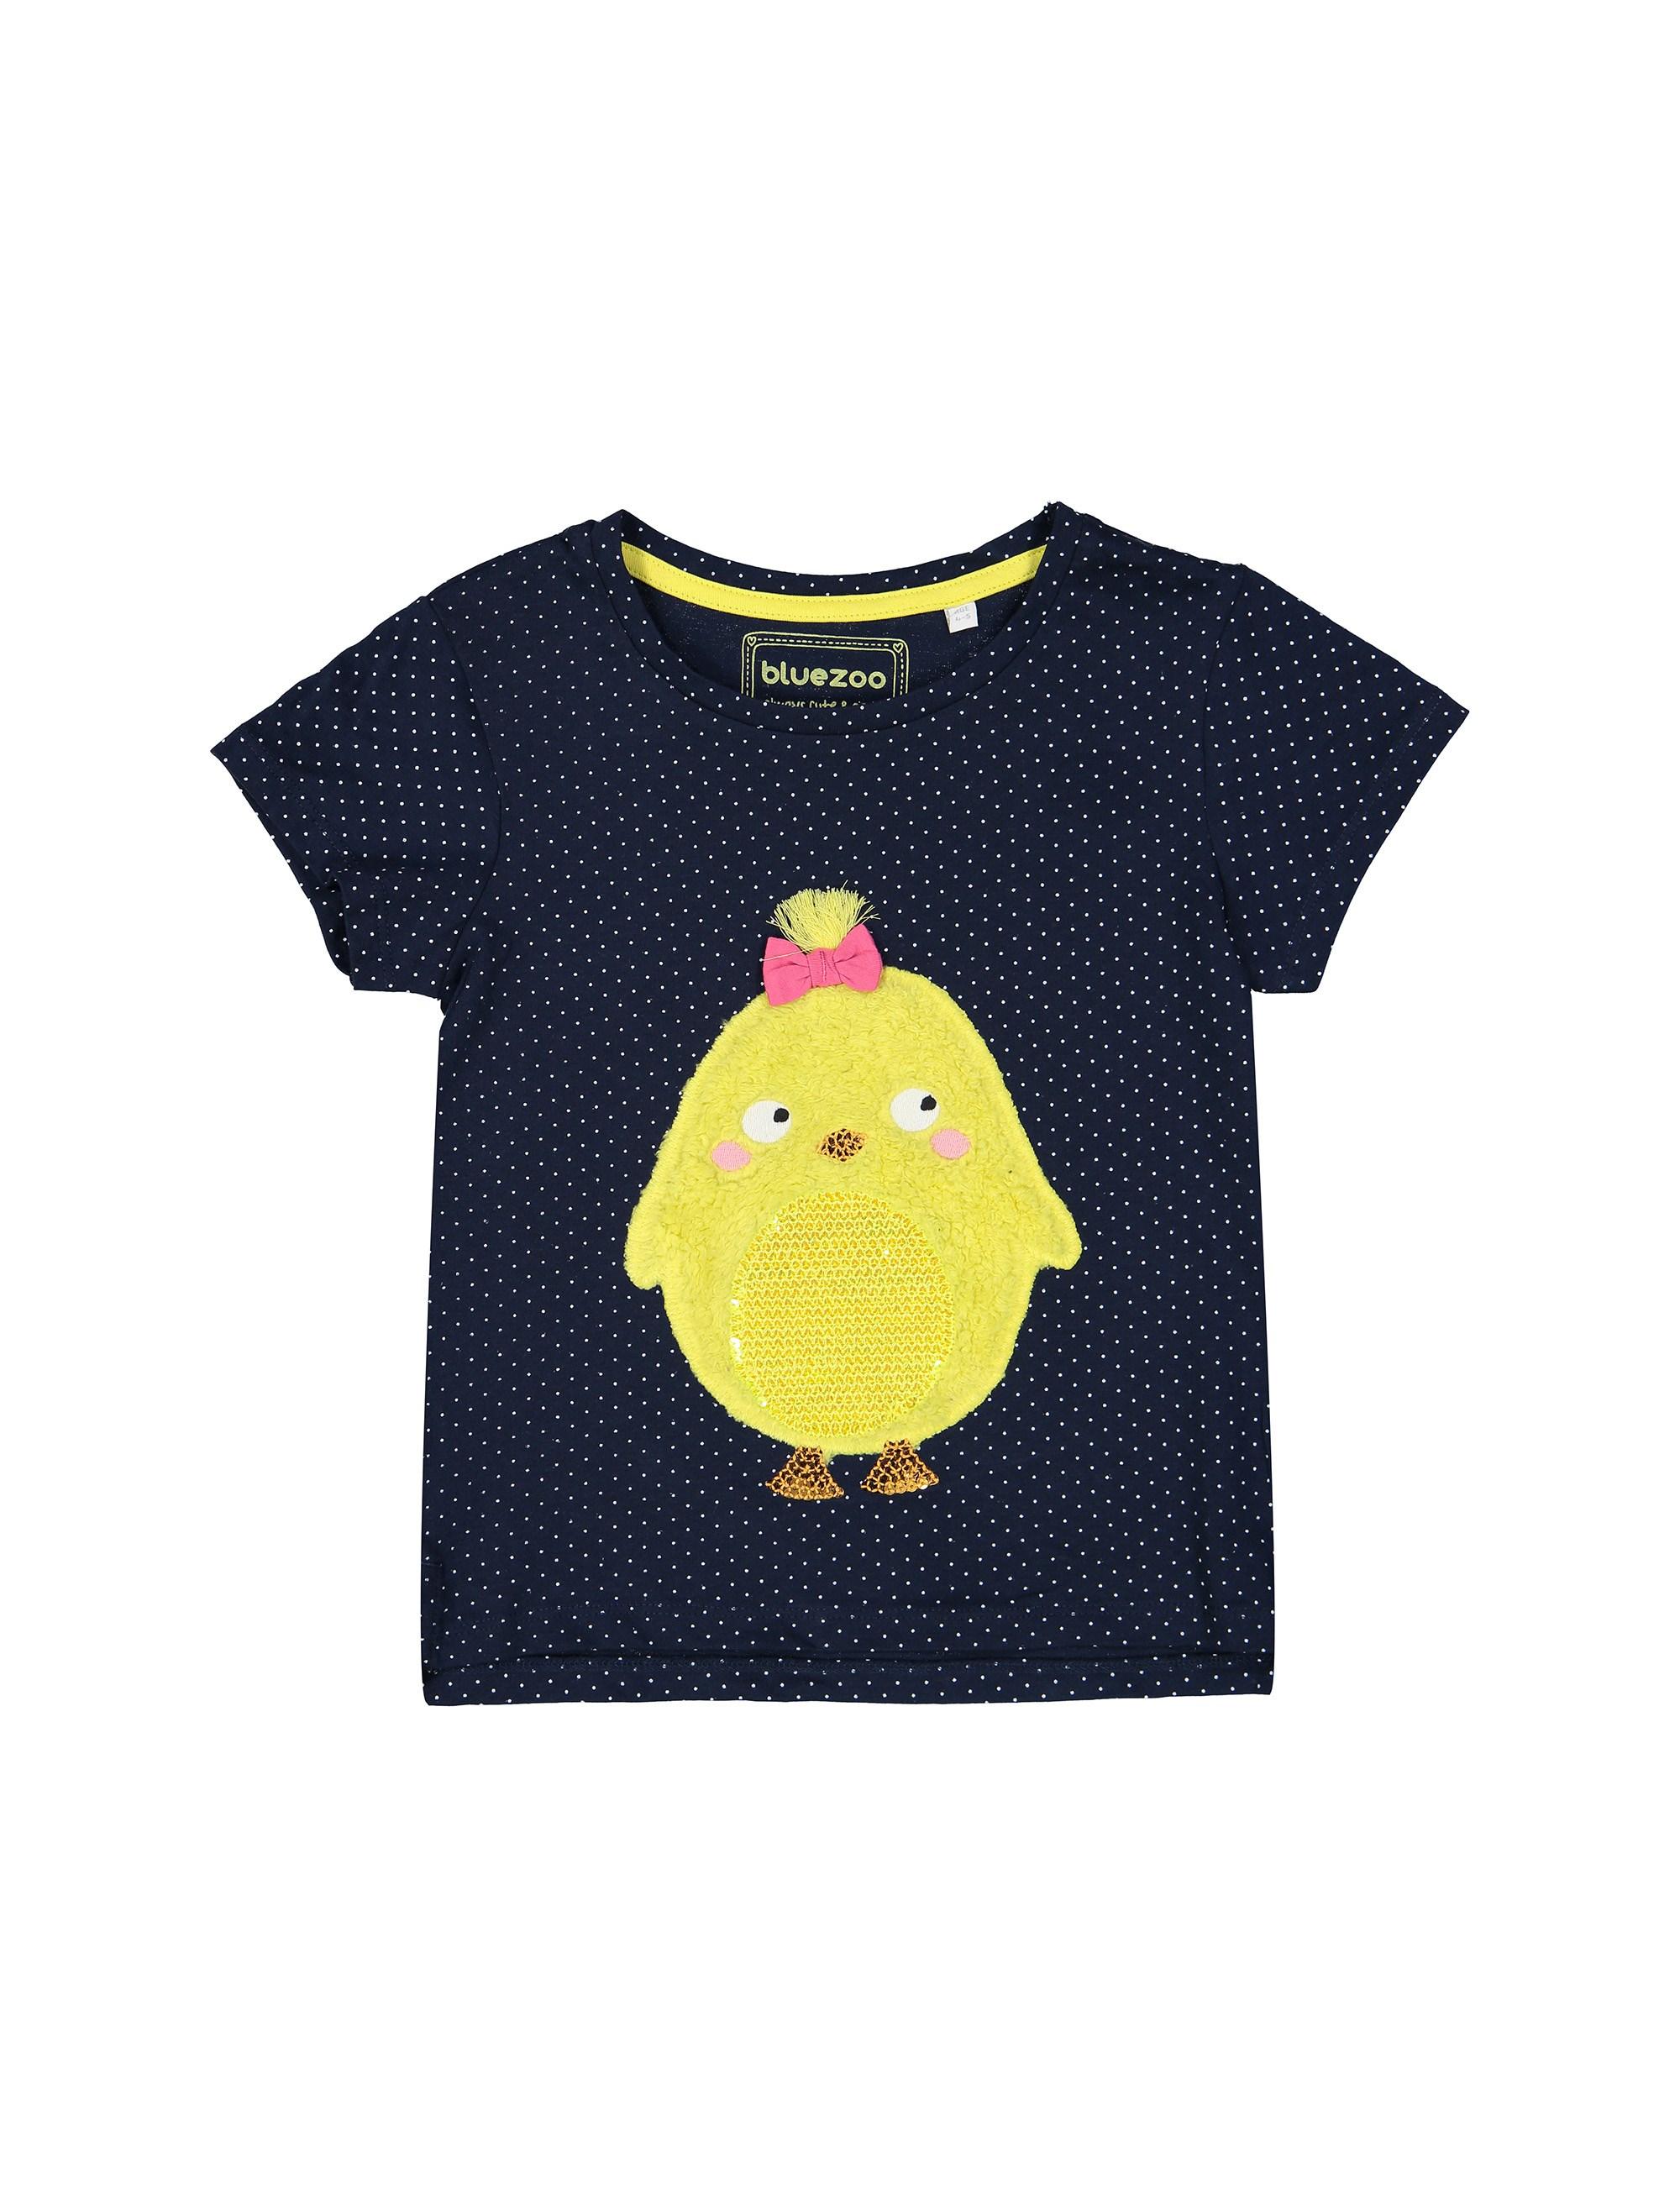 تی شرت و شلوار نخی راحتی دخترانه - دبنهامز